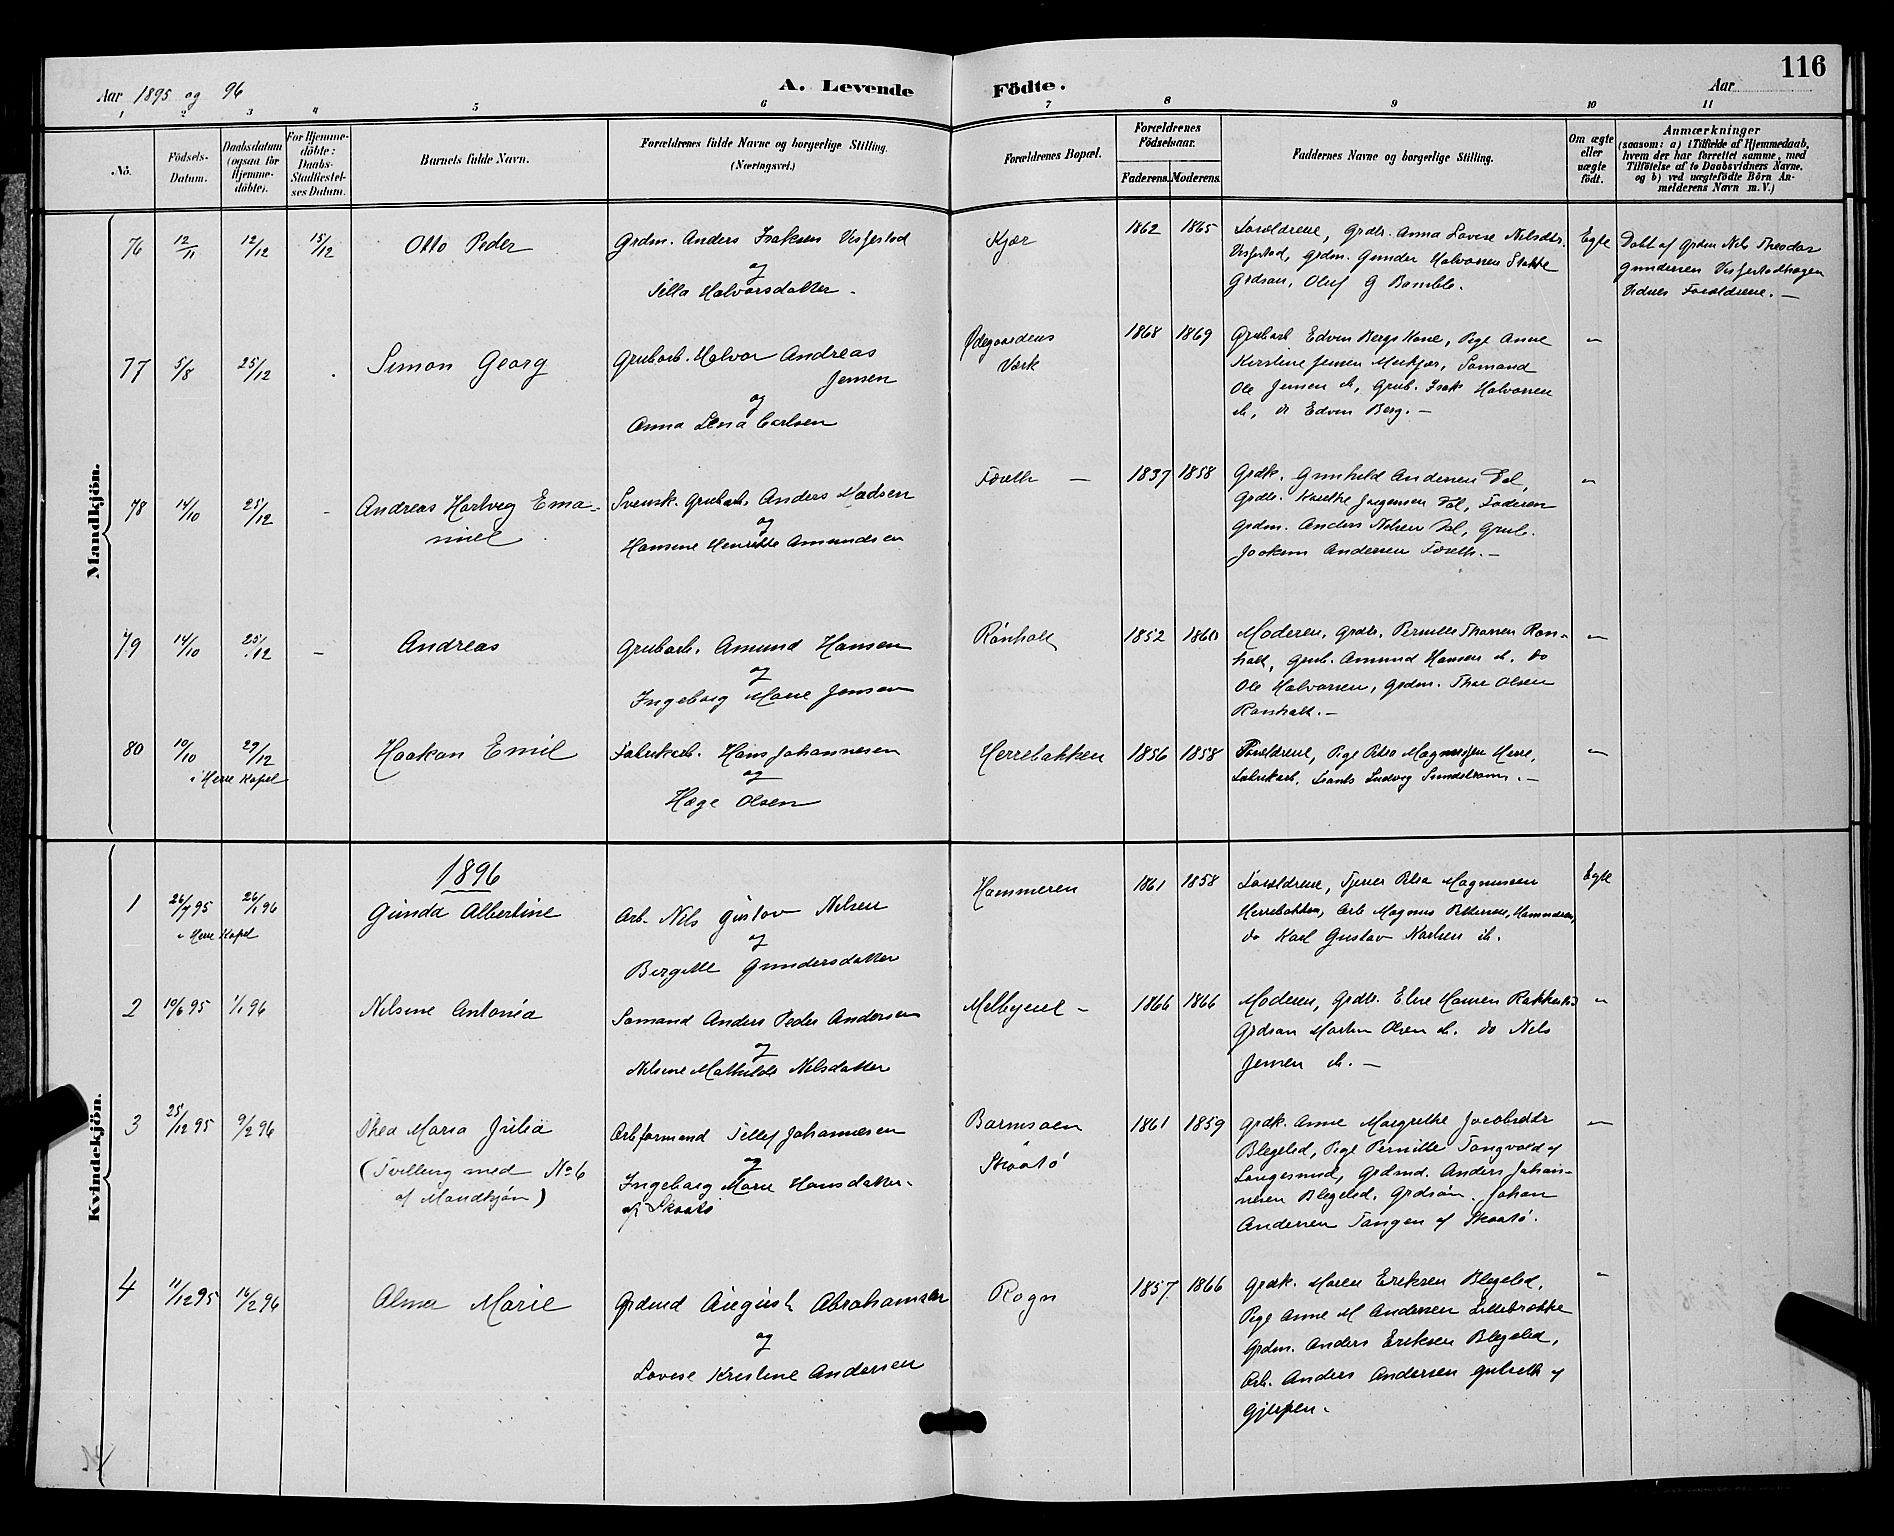 SAKO, Bamble kirkebøker, G/Ga/L0009: Klokkerbok nr. I 9, 1888-1900, s. 116